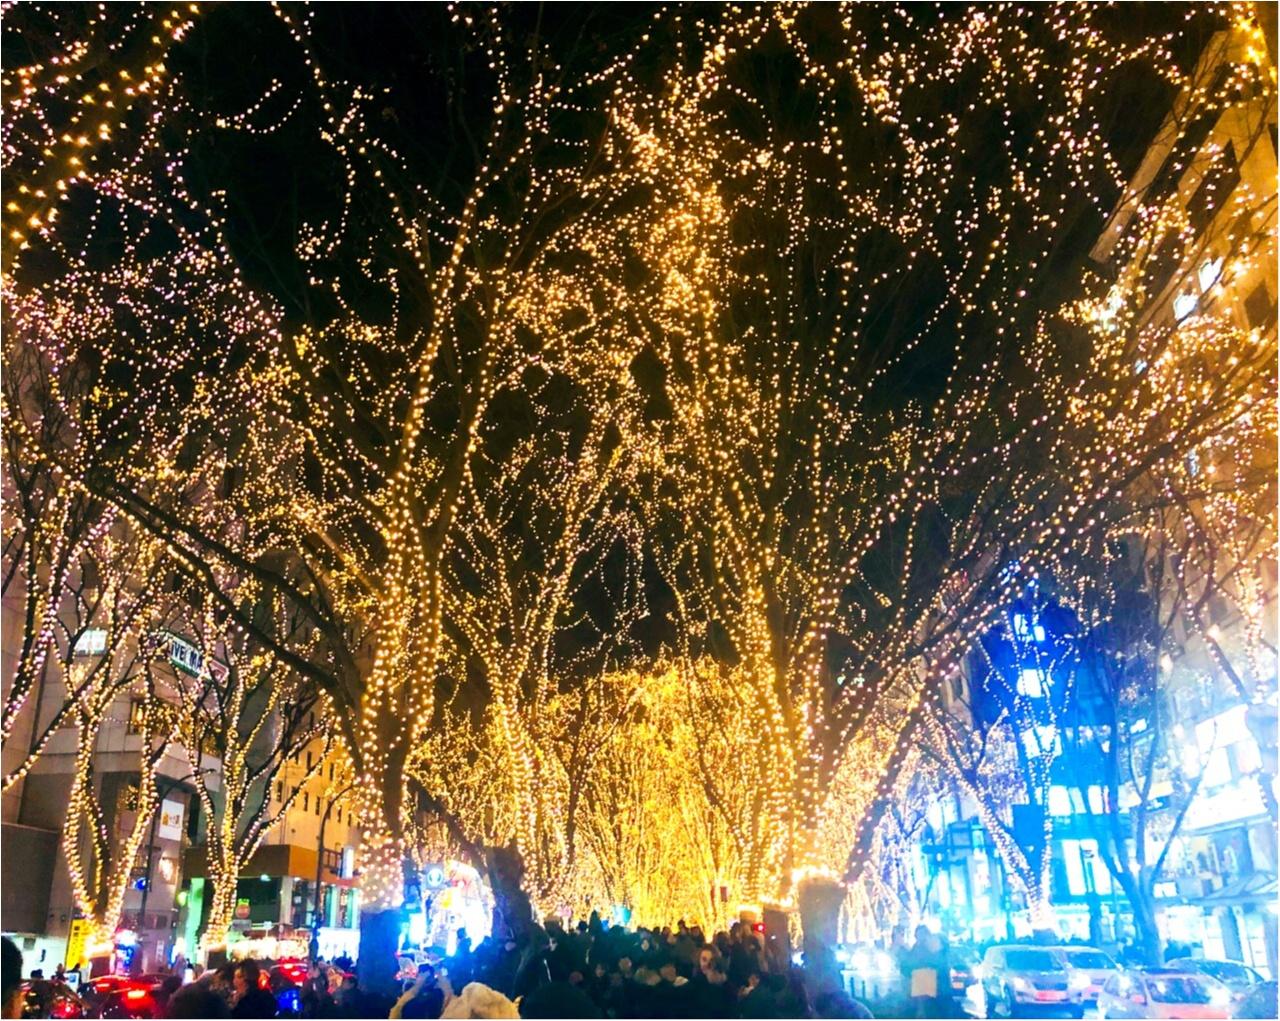 【仙台・イルミネーション】冬の風物詩!『光のページェント』が開催中です!!_2